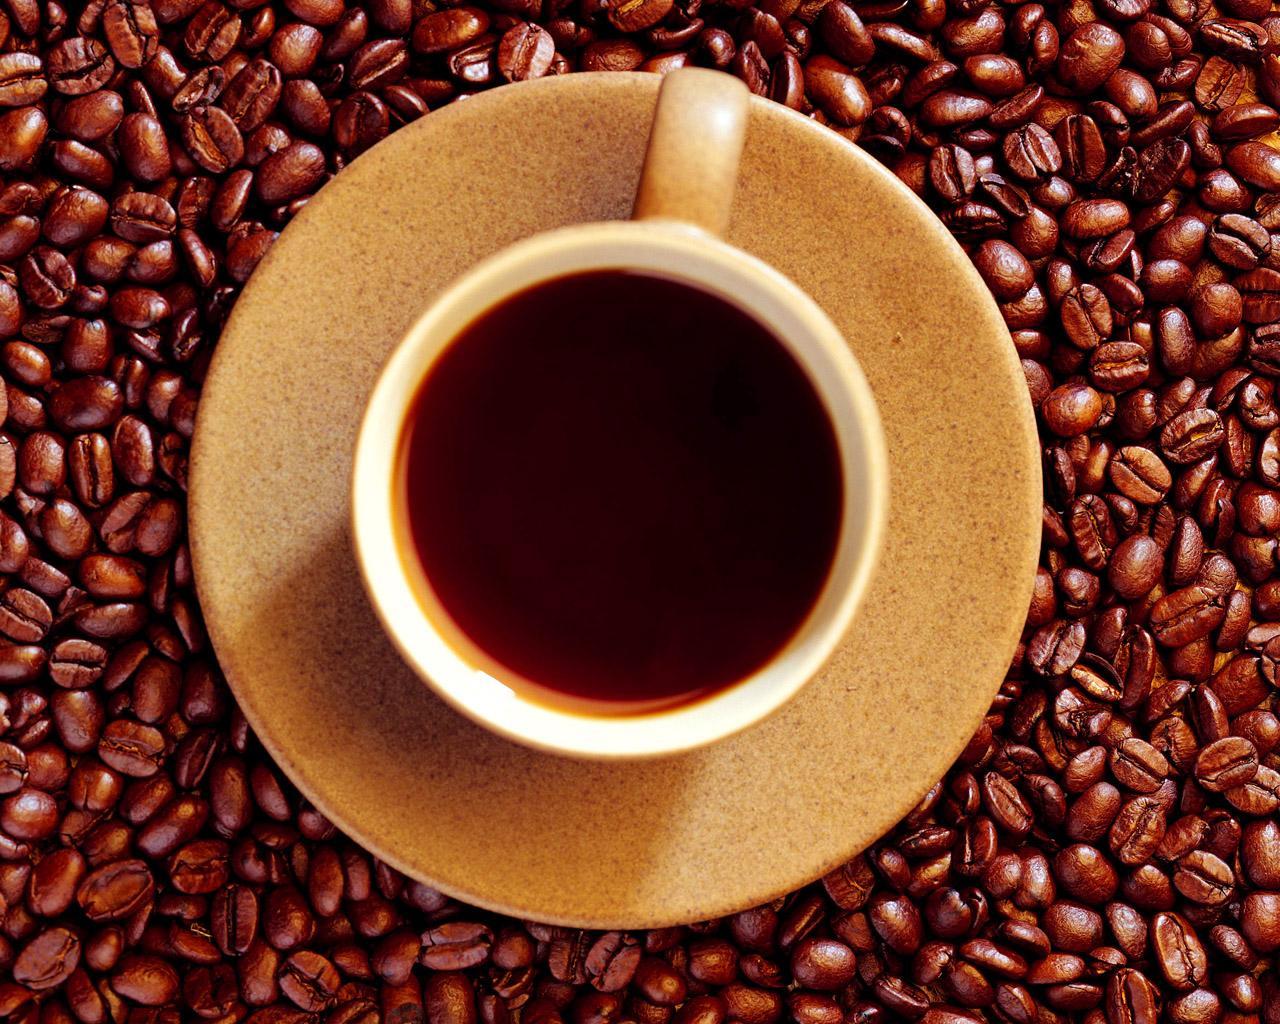 чашка кофе, скачать фото, обои для рабочего стола